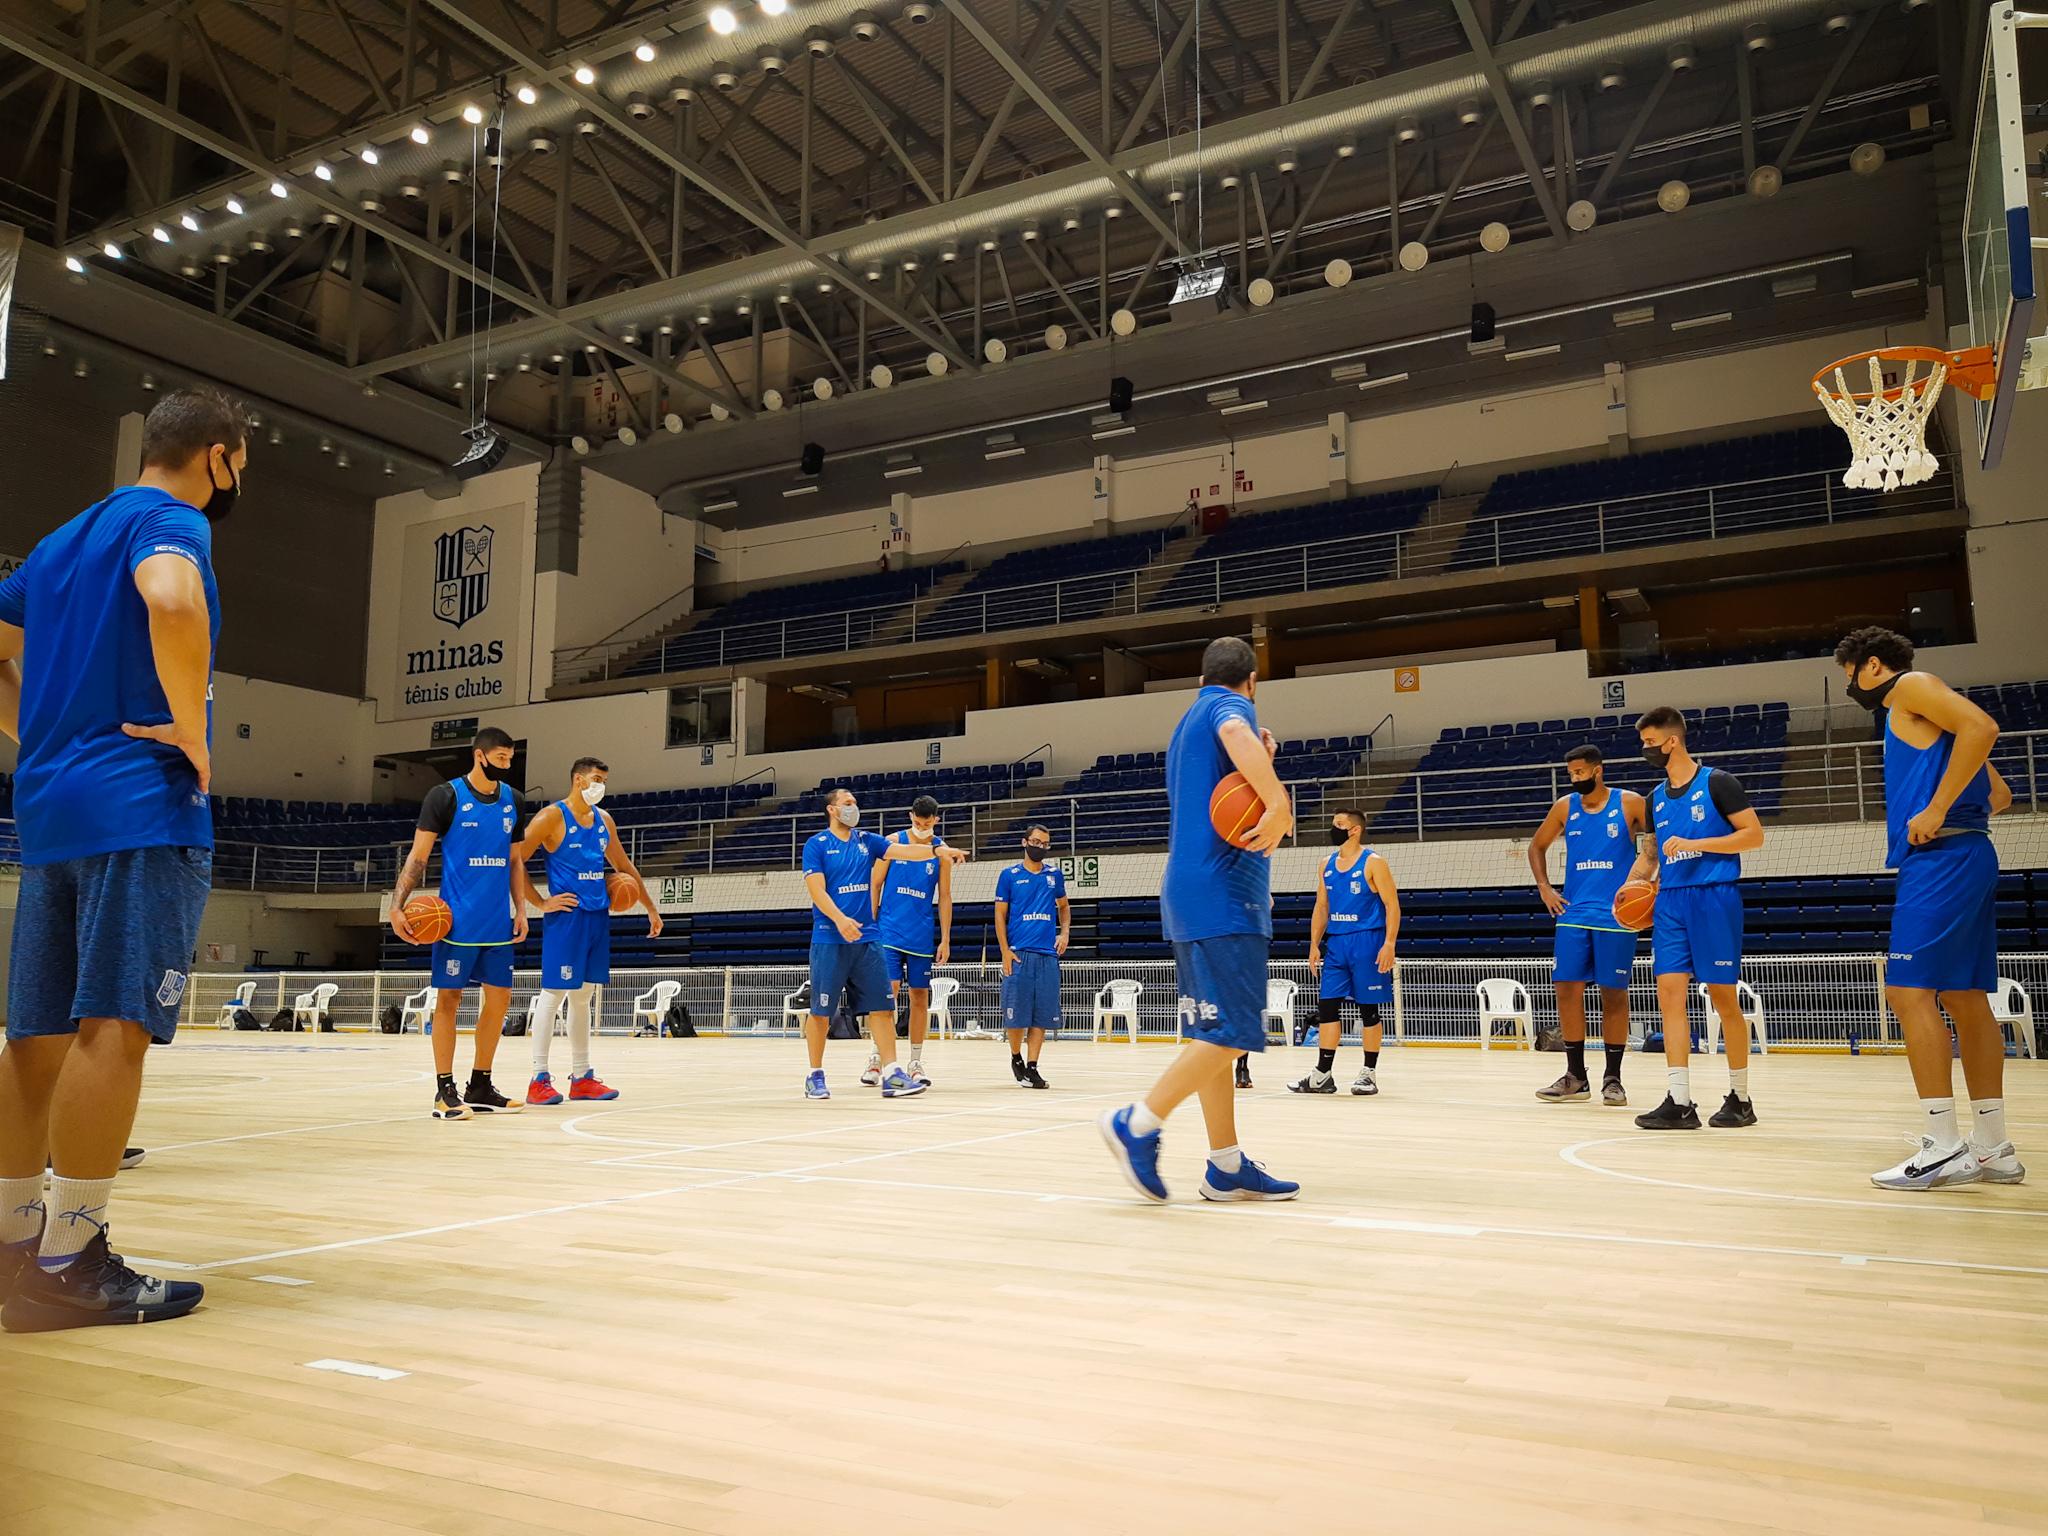 Minas Storm treina na Arena MTC para fazer o primeiro jogo em casa no NBB 2020/21 (Foto: Divulgação/MTC)